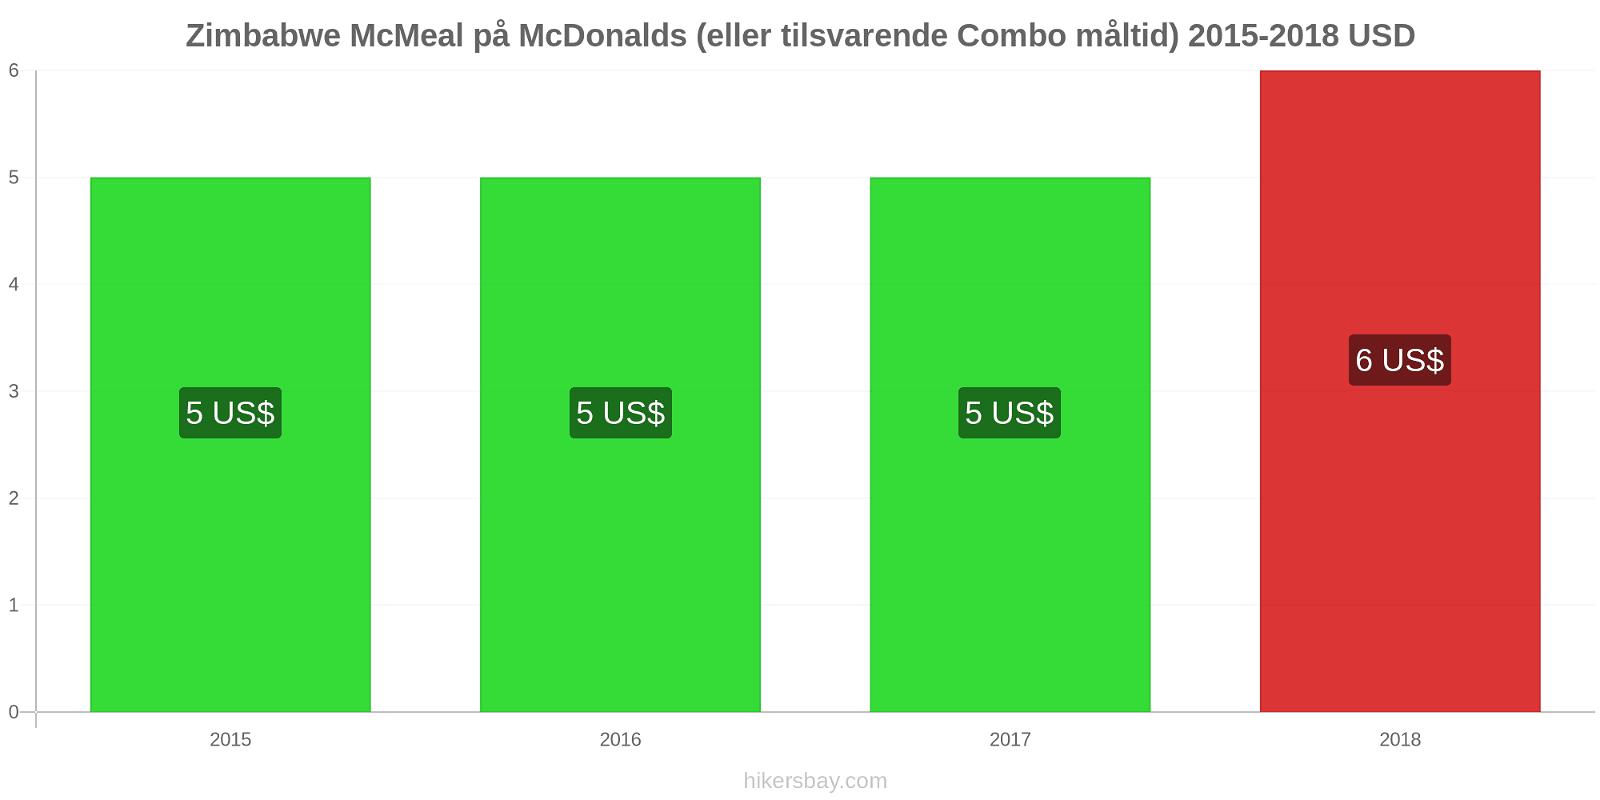 Zimbabwe prisændringer McMeal på McDonalds (eller tilsvarende Combo måltid) hikersbay.com